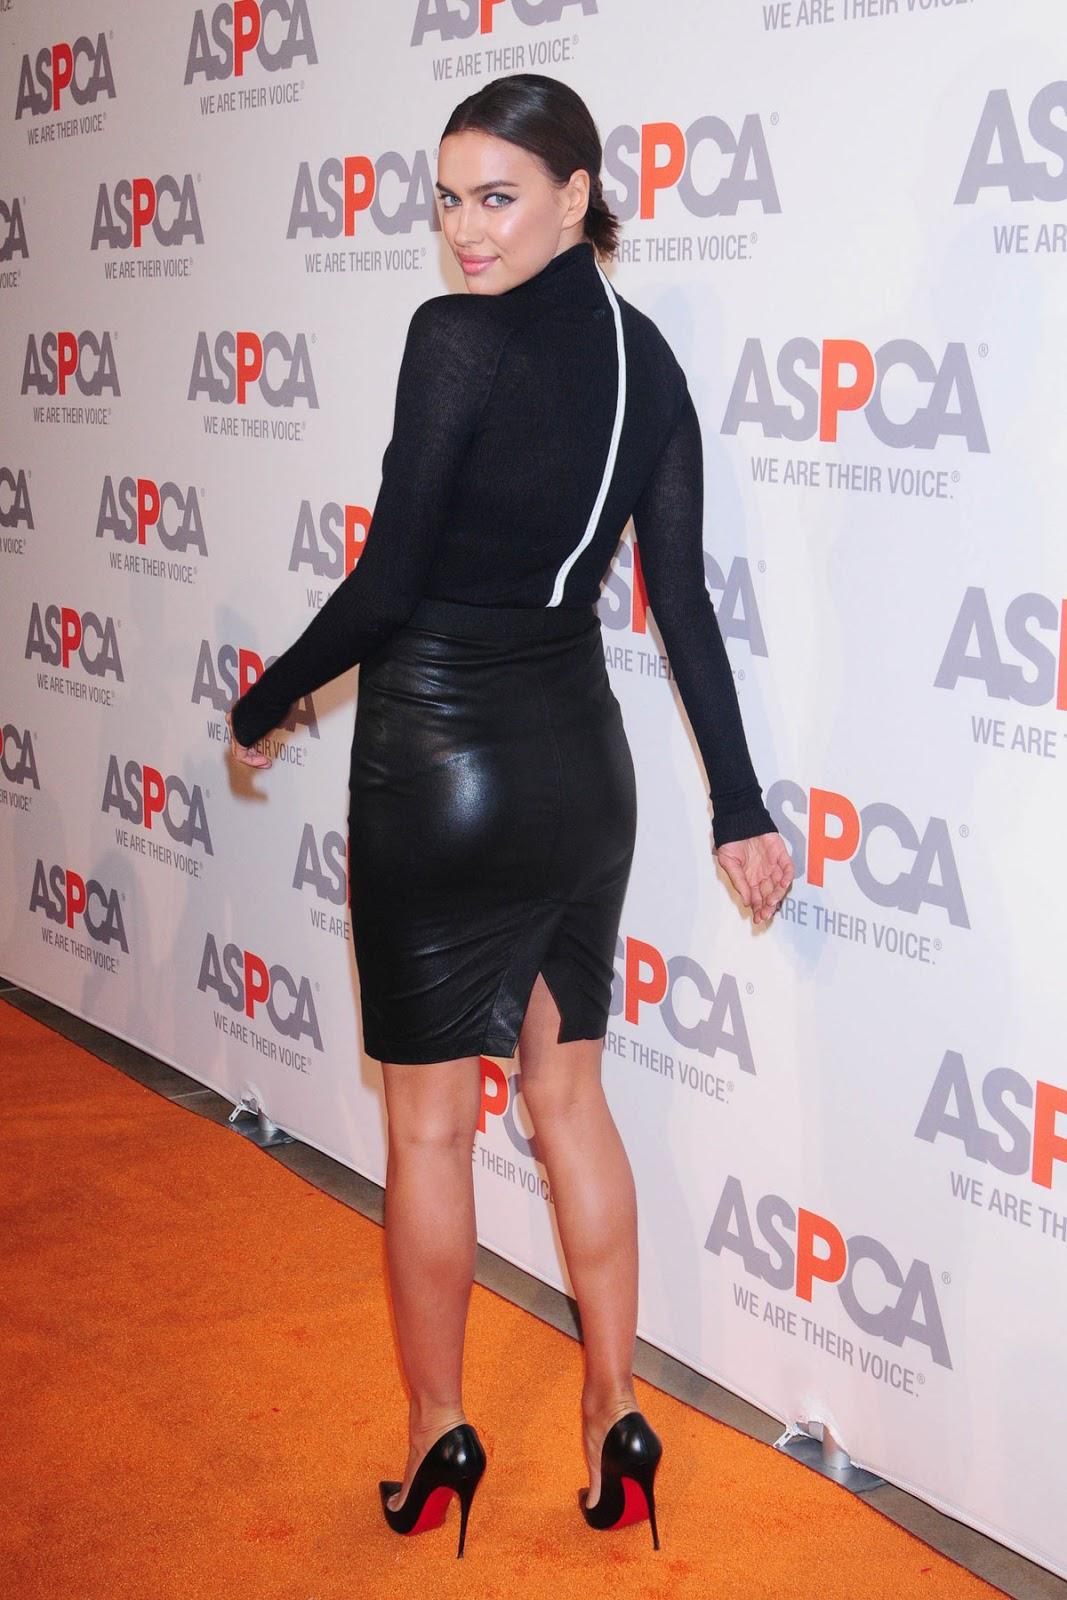 Photos: Irina Shayk at ASPCA Young Friends Benefit